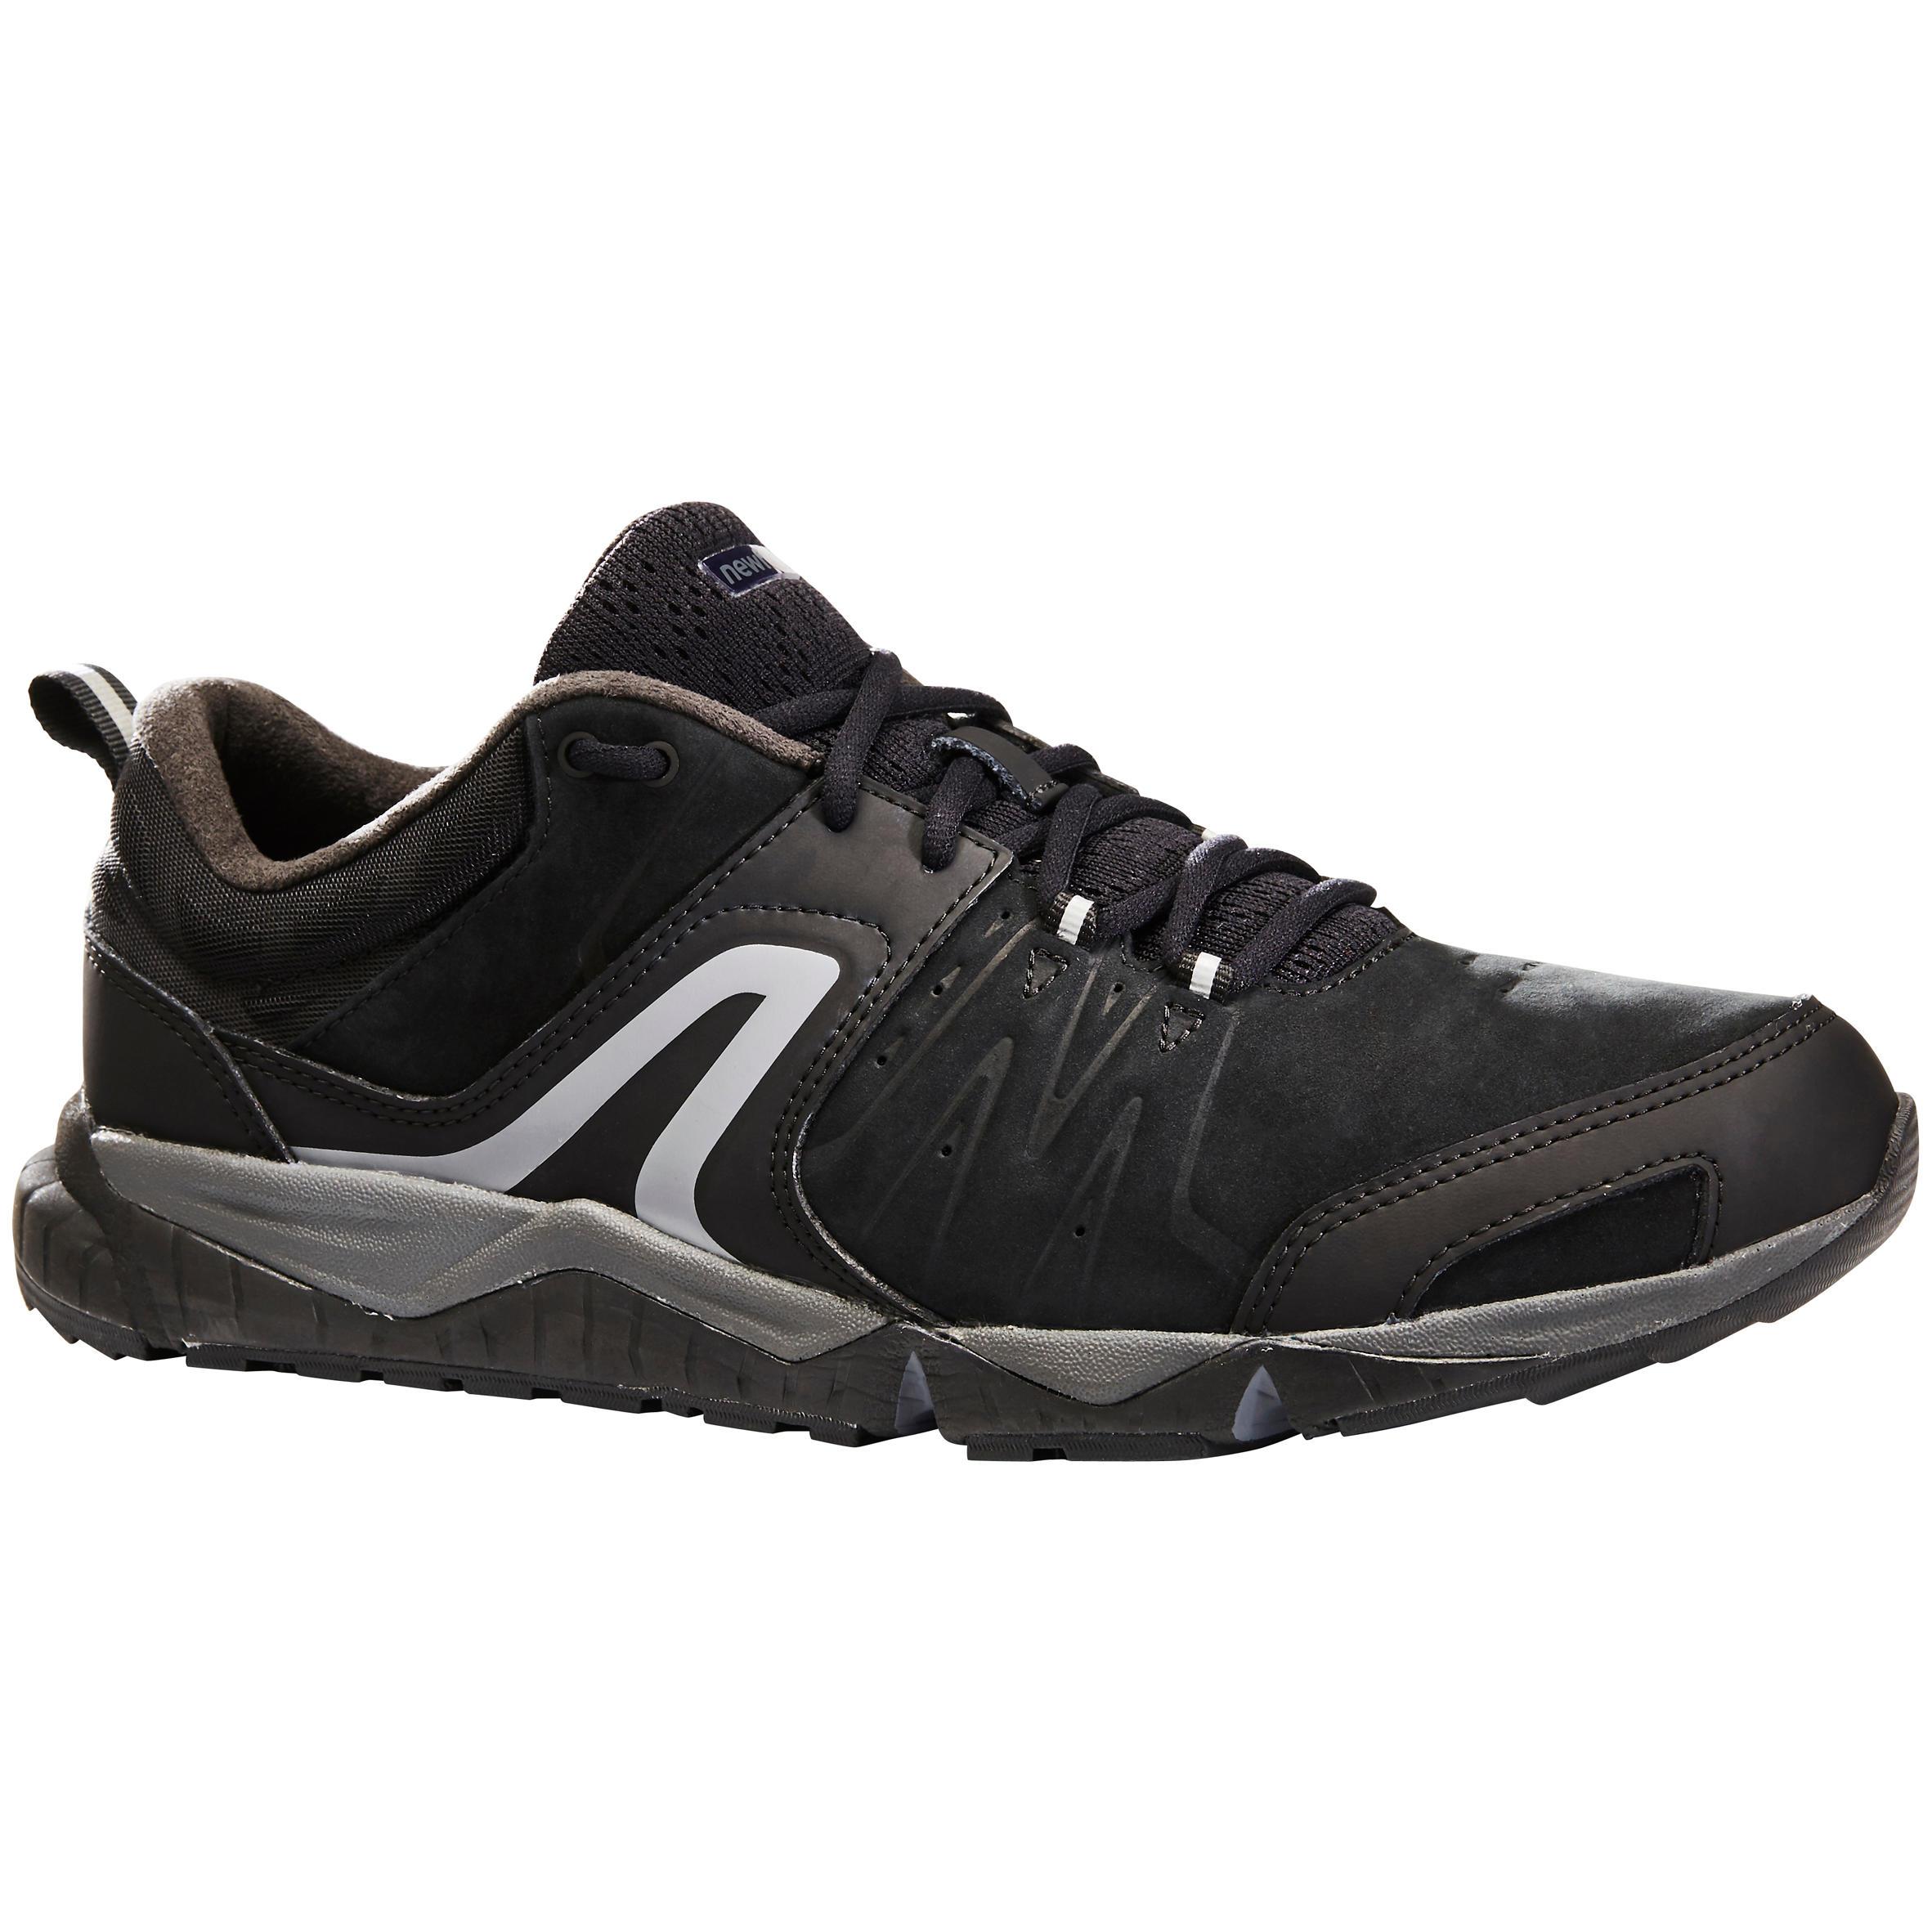 Newfeel Herensneakers voor sportief wandelen PW 940 Propulse Motion leer zwart